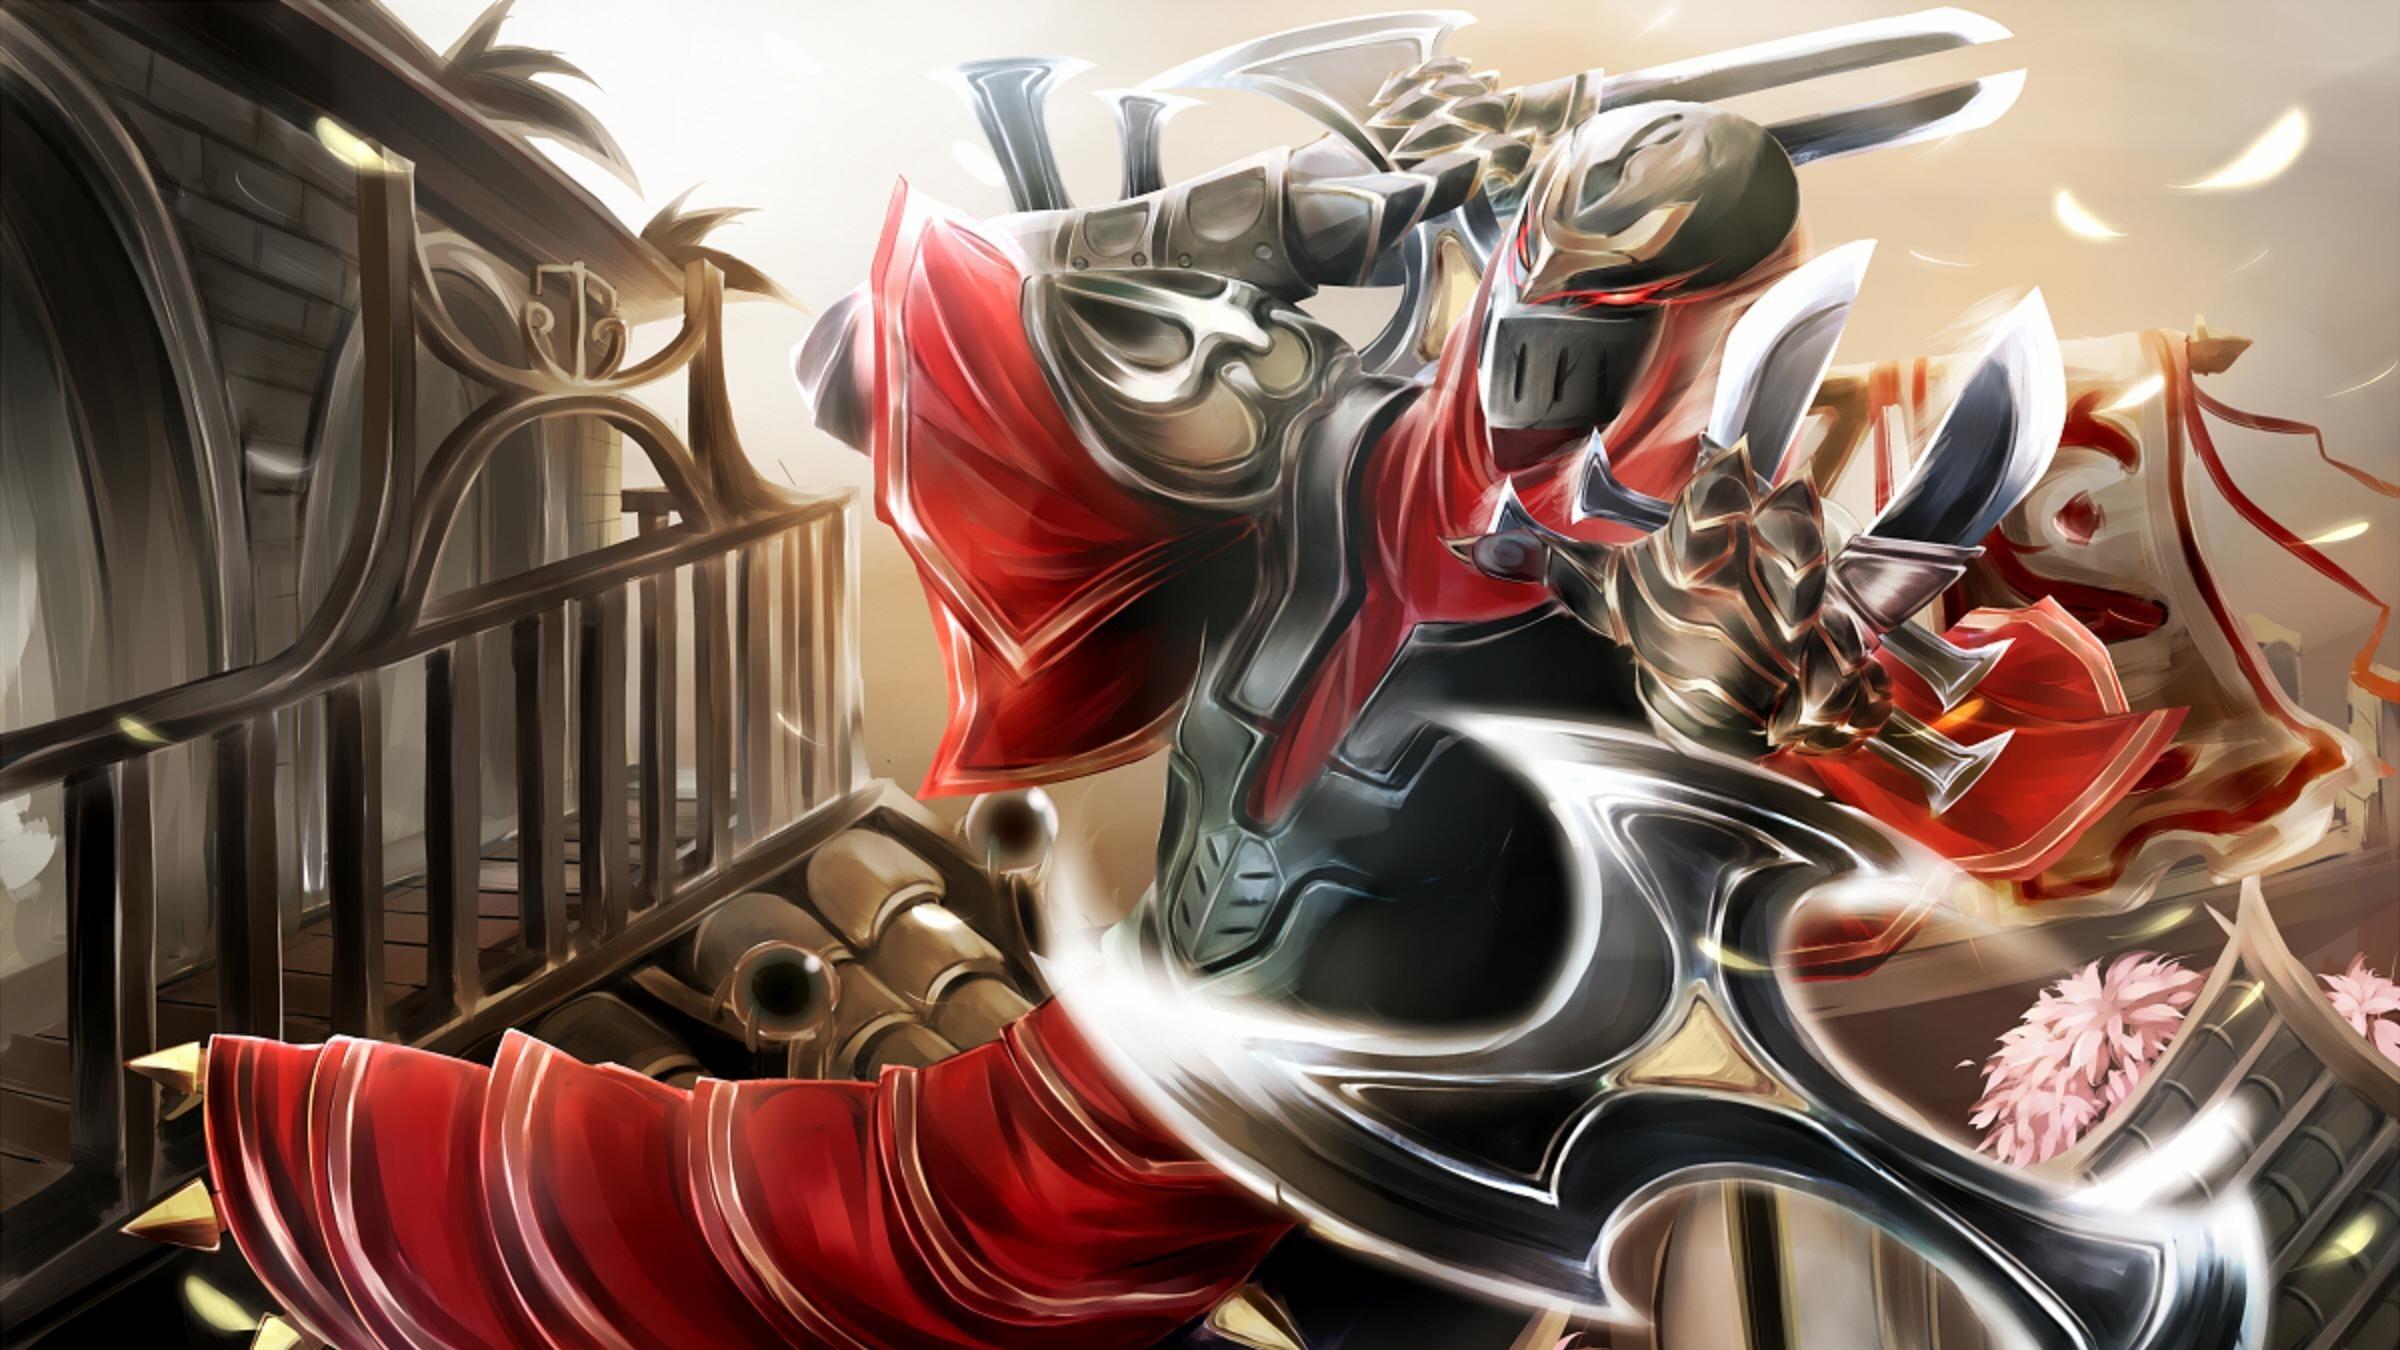 Videospiel League Of Legends Zed Wallpaper